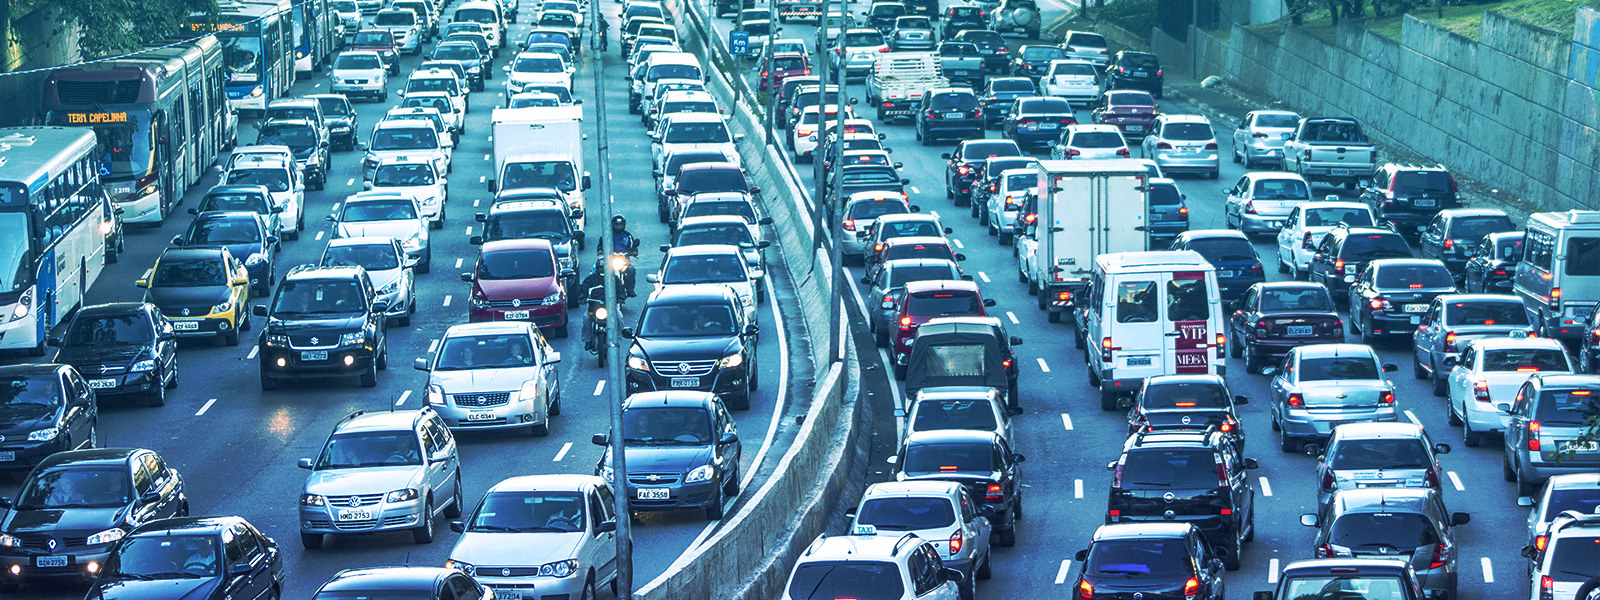 Quais são os tipos de placas de carro no Brasil?